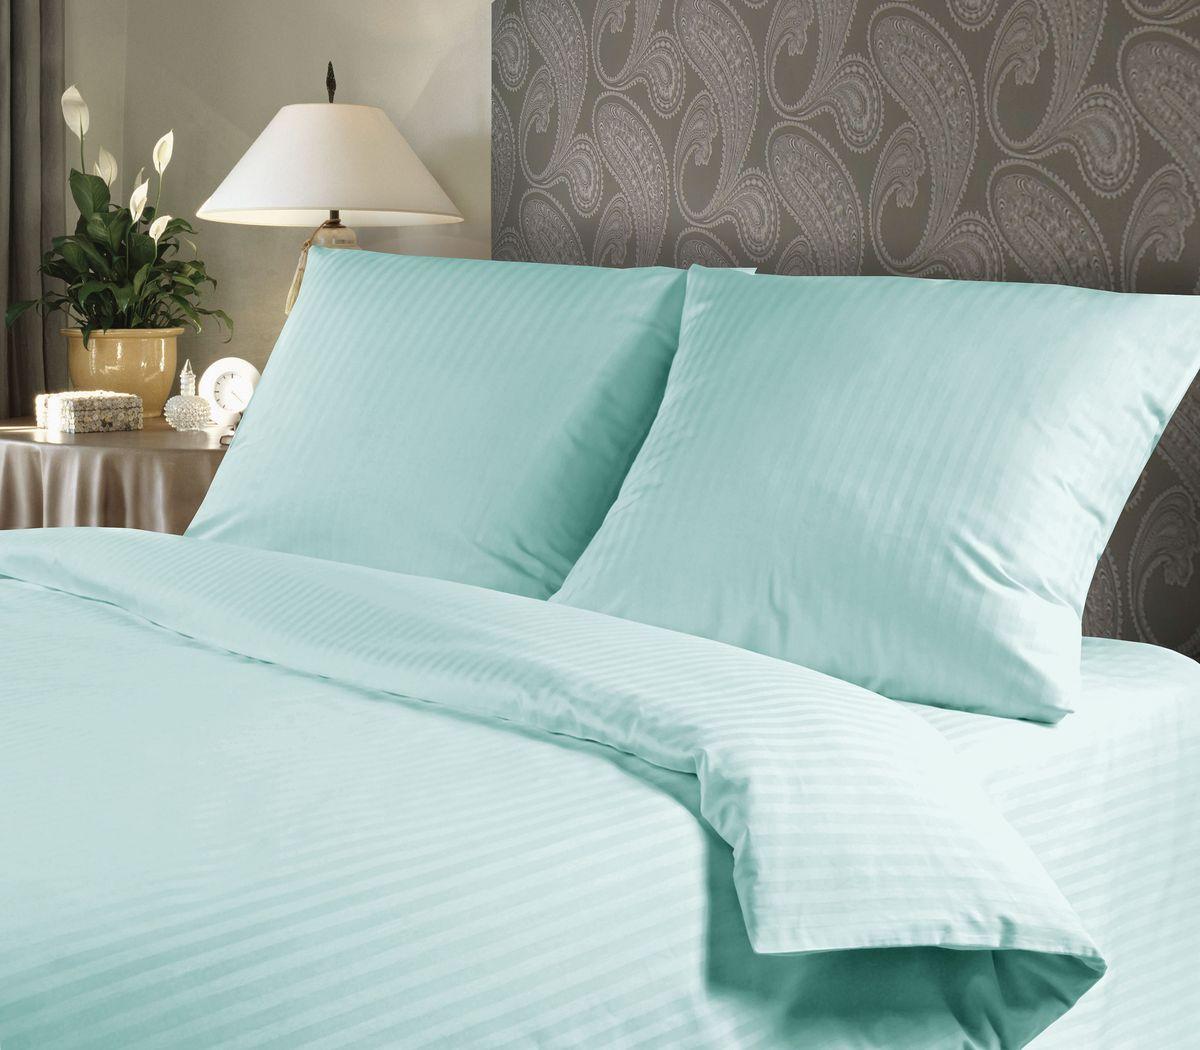 Комплект белья Verossa Вlue Sky, 1,5-спальный, наволочки 70х70711207